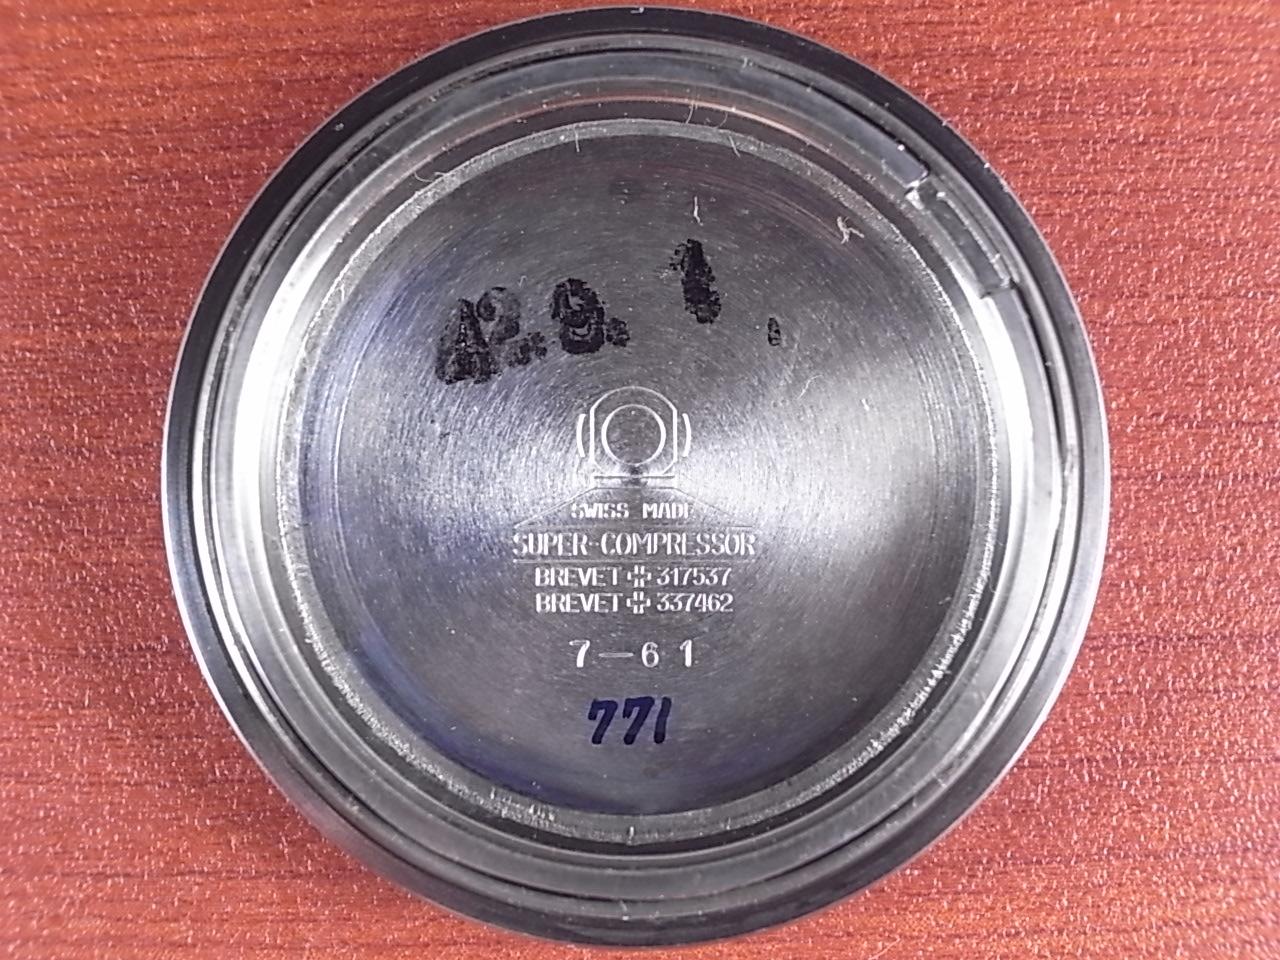 フレコ PLONGEURS ダイバーズ ラージスーパーコンプレッサーケース 1960年代の写真6枚目